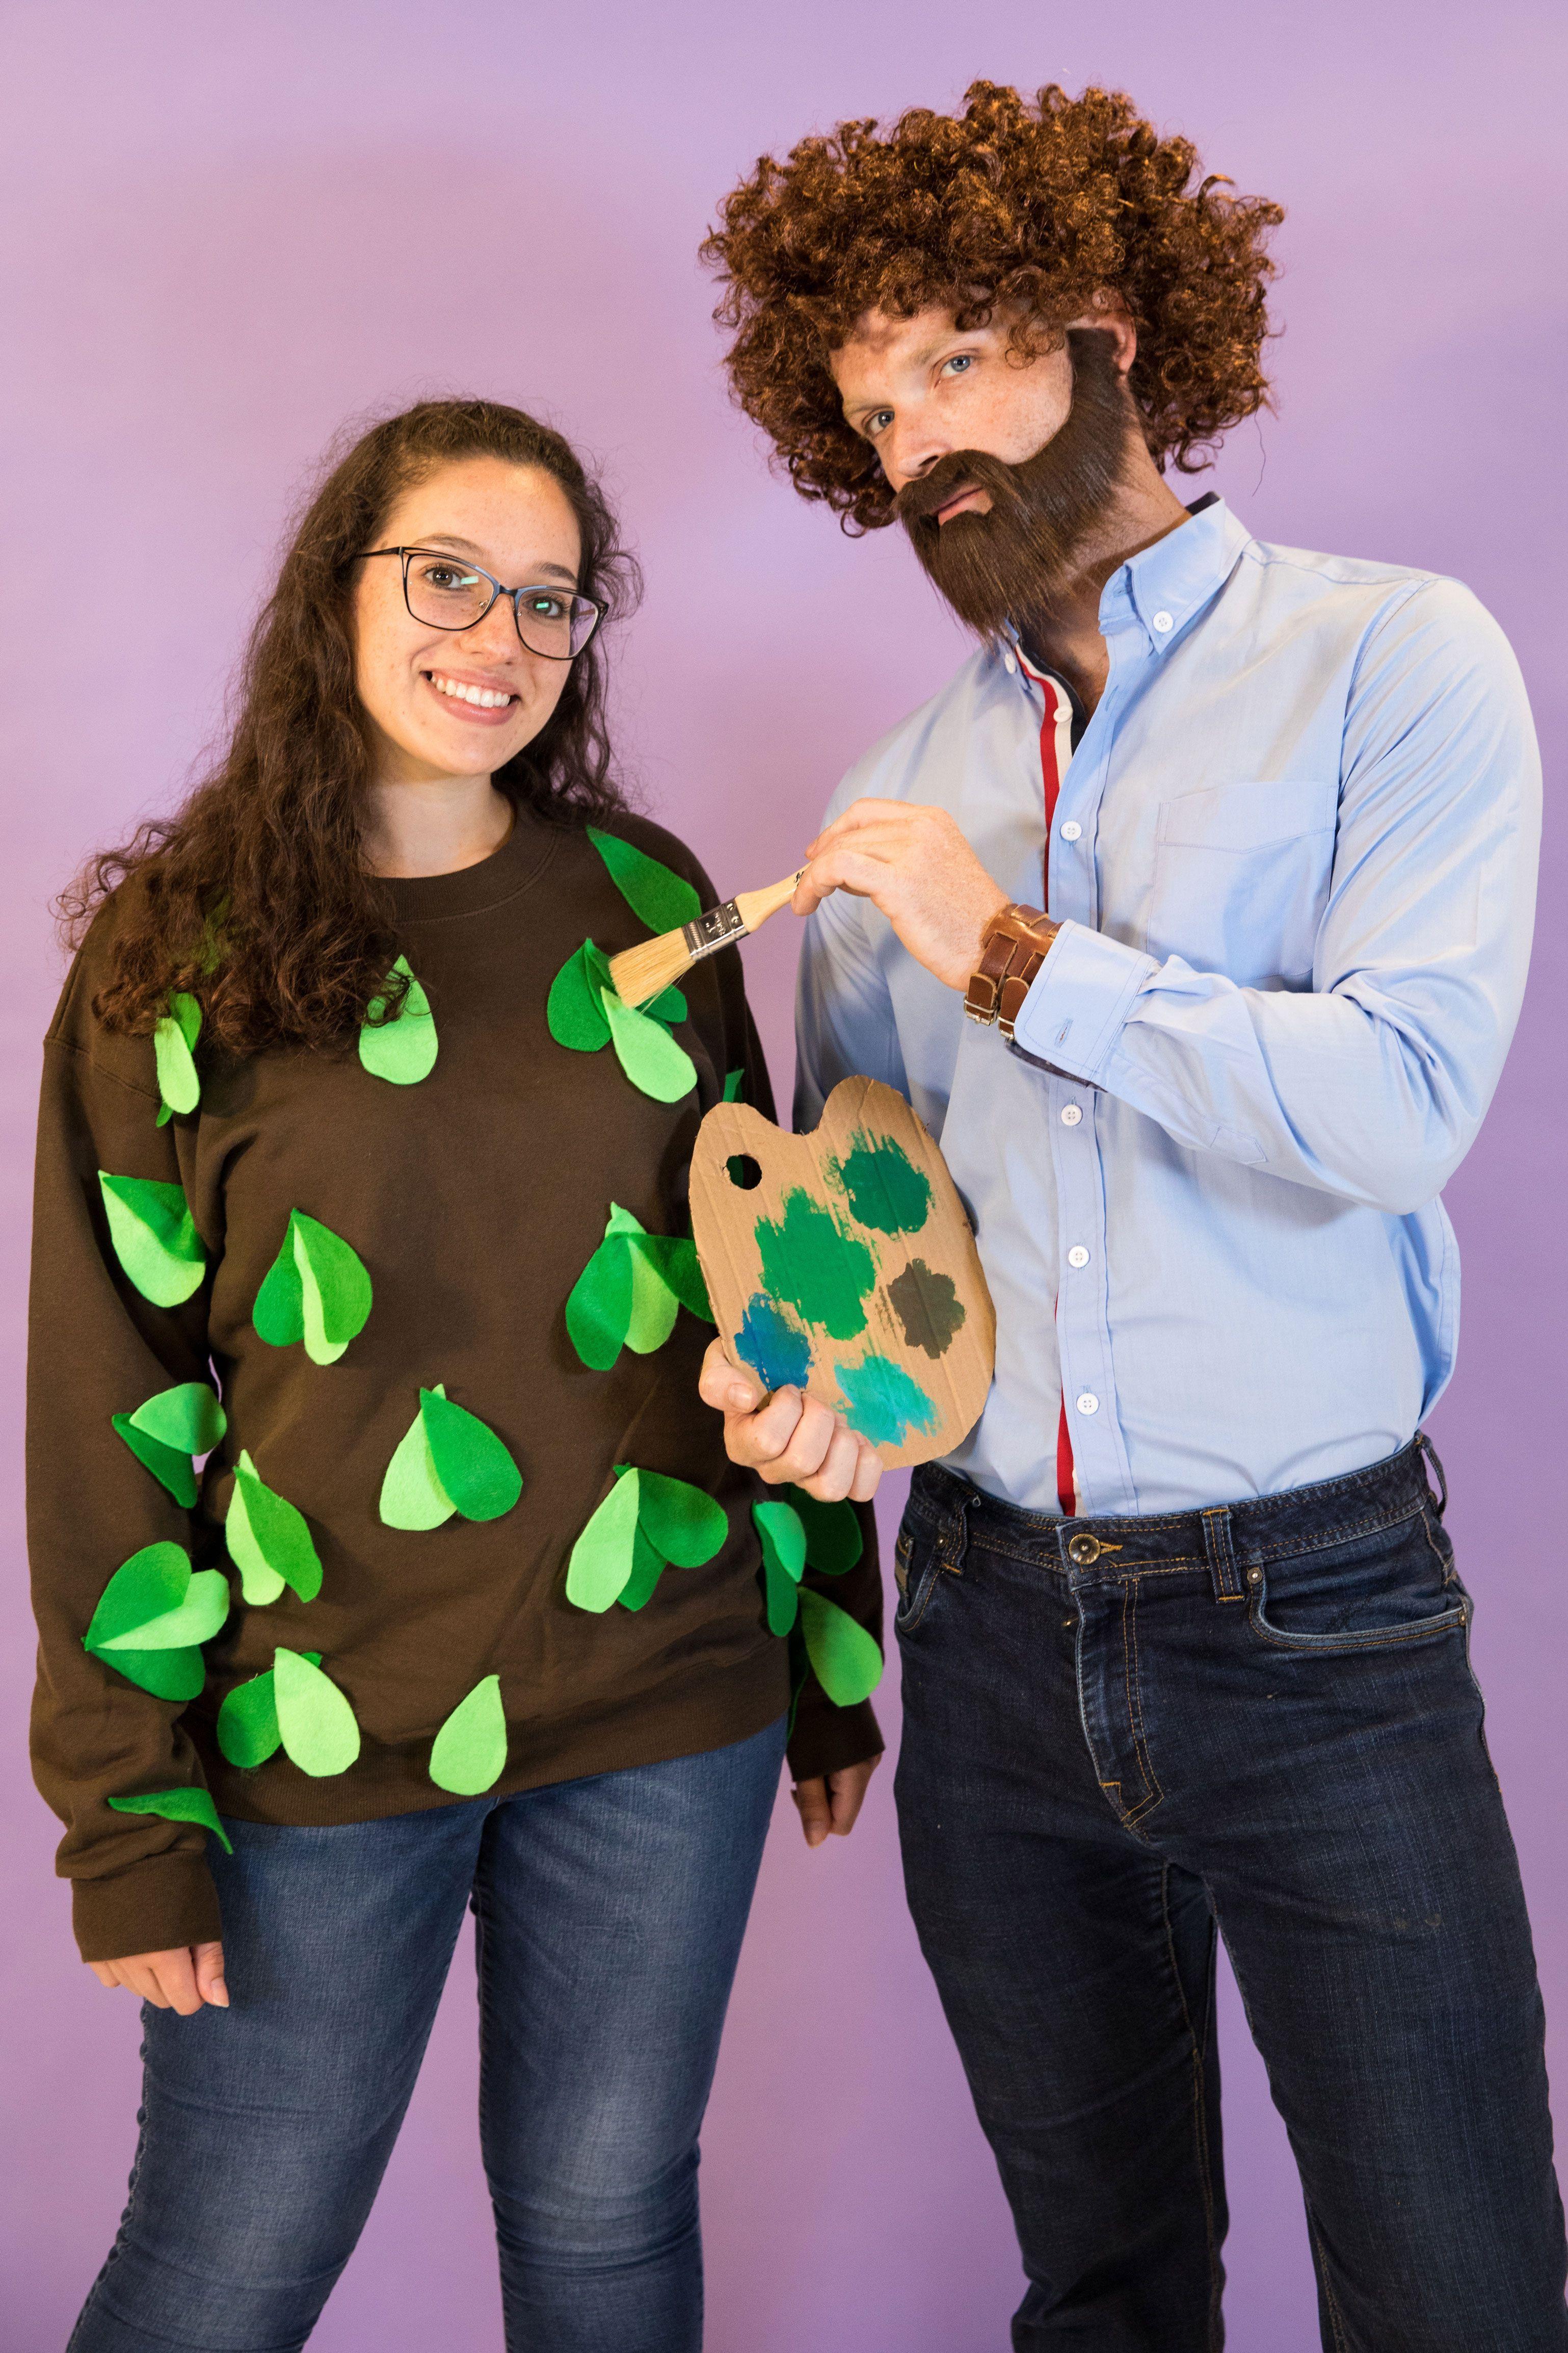 happy little tree costume - 736×1104